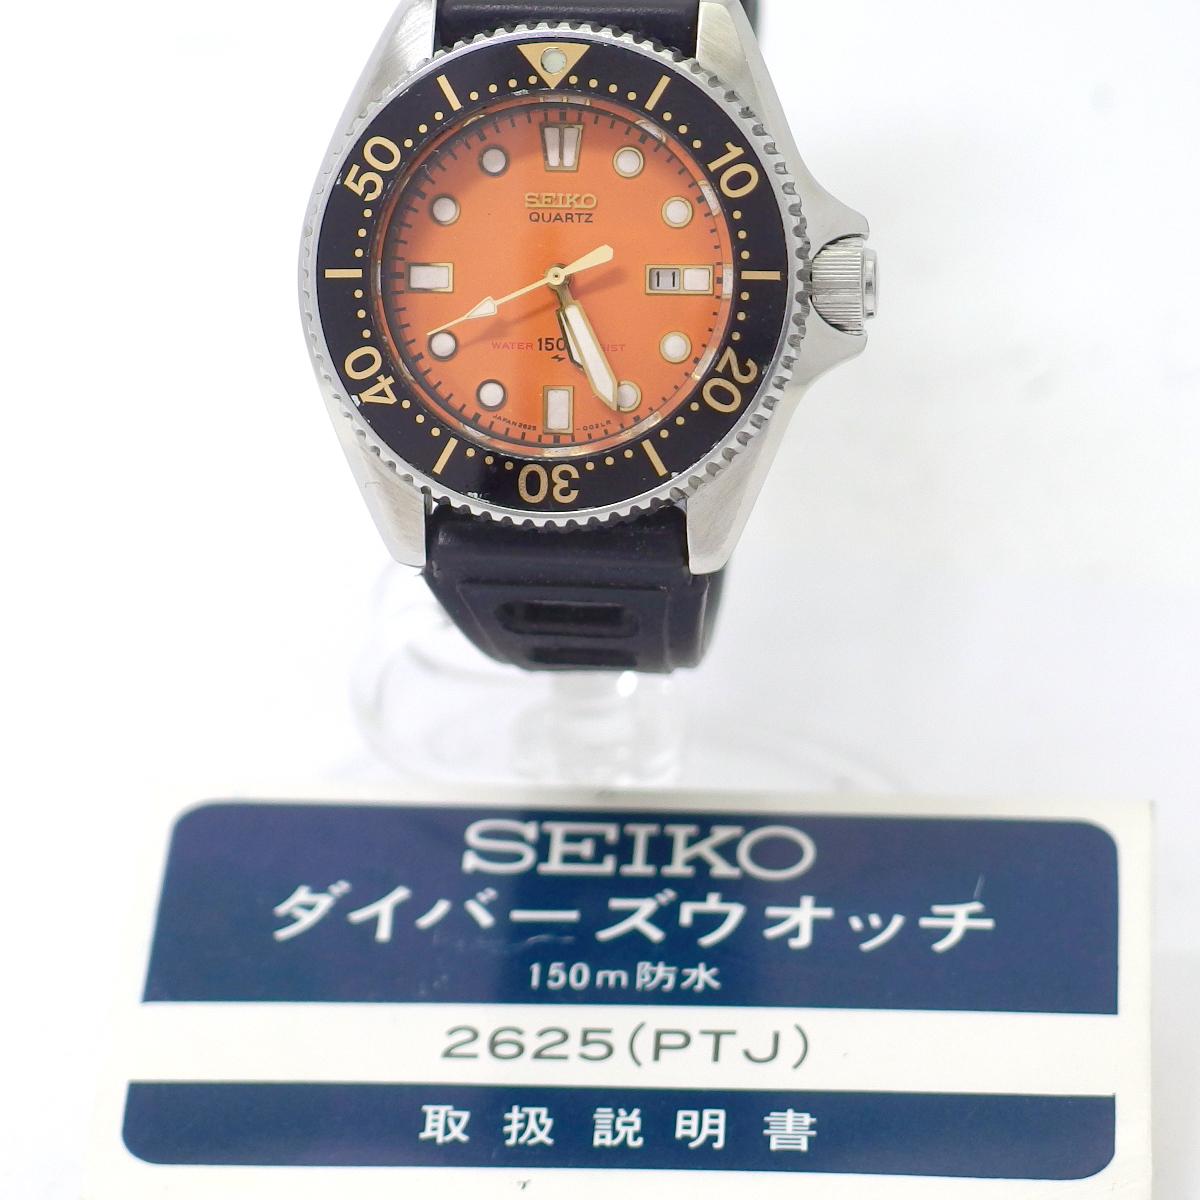 セイコー ダイバー 150m レディース オレンジ文字盤 2625-0010 取扱説明書つき クオーツ OH済 1981年製 USED